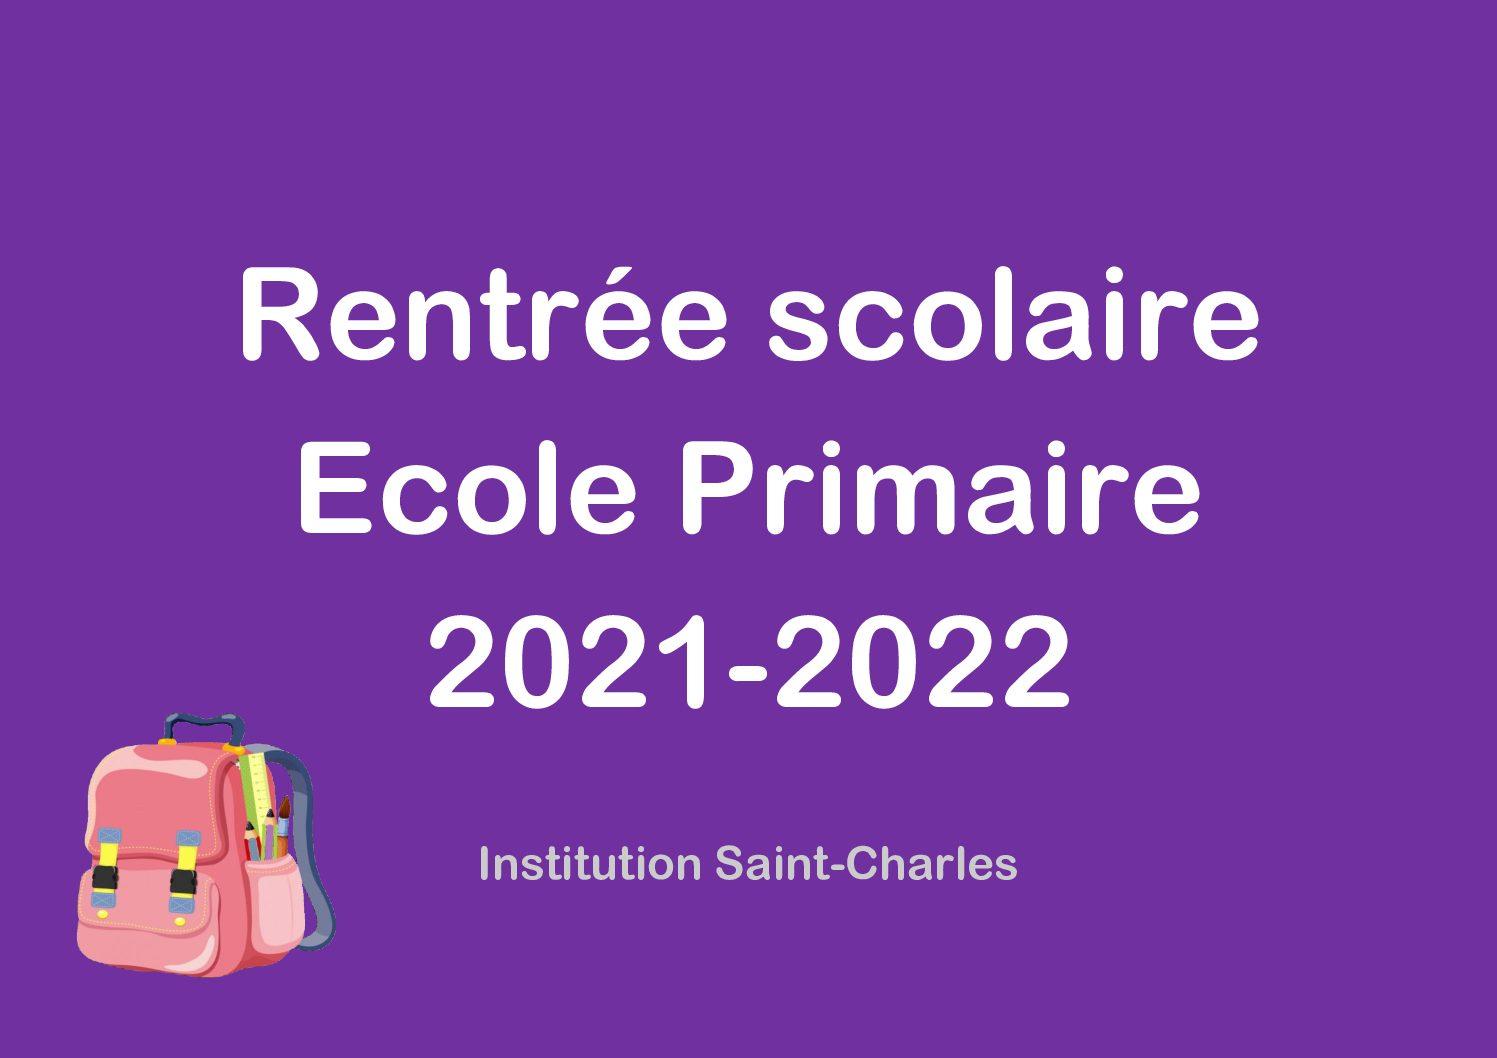 Rentrée 2021-2022 : Ecole Primaire